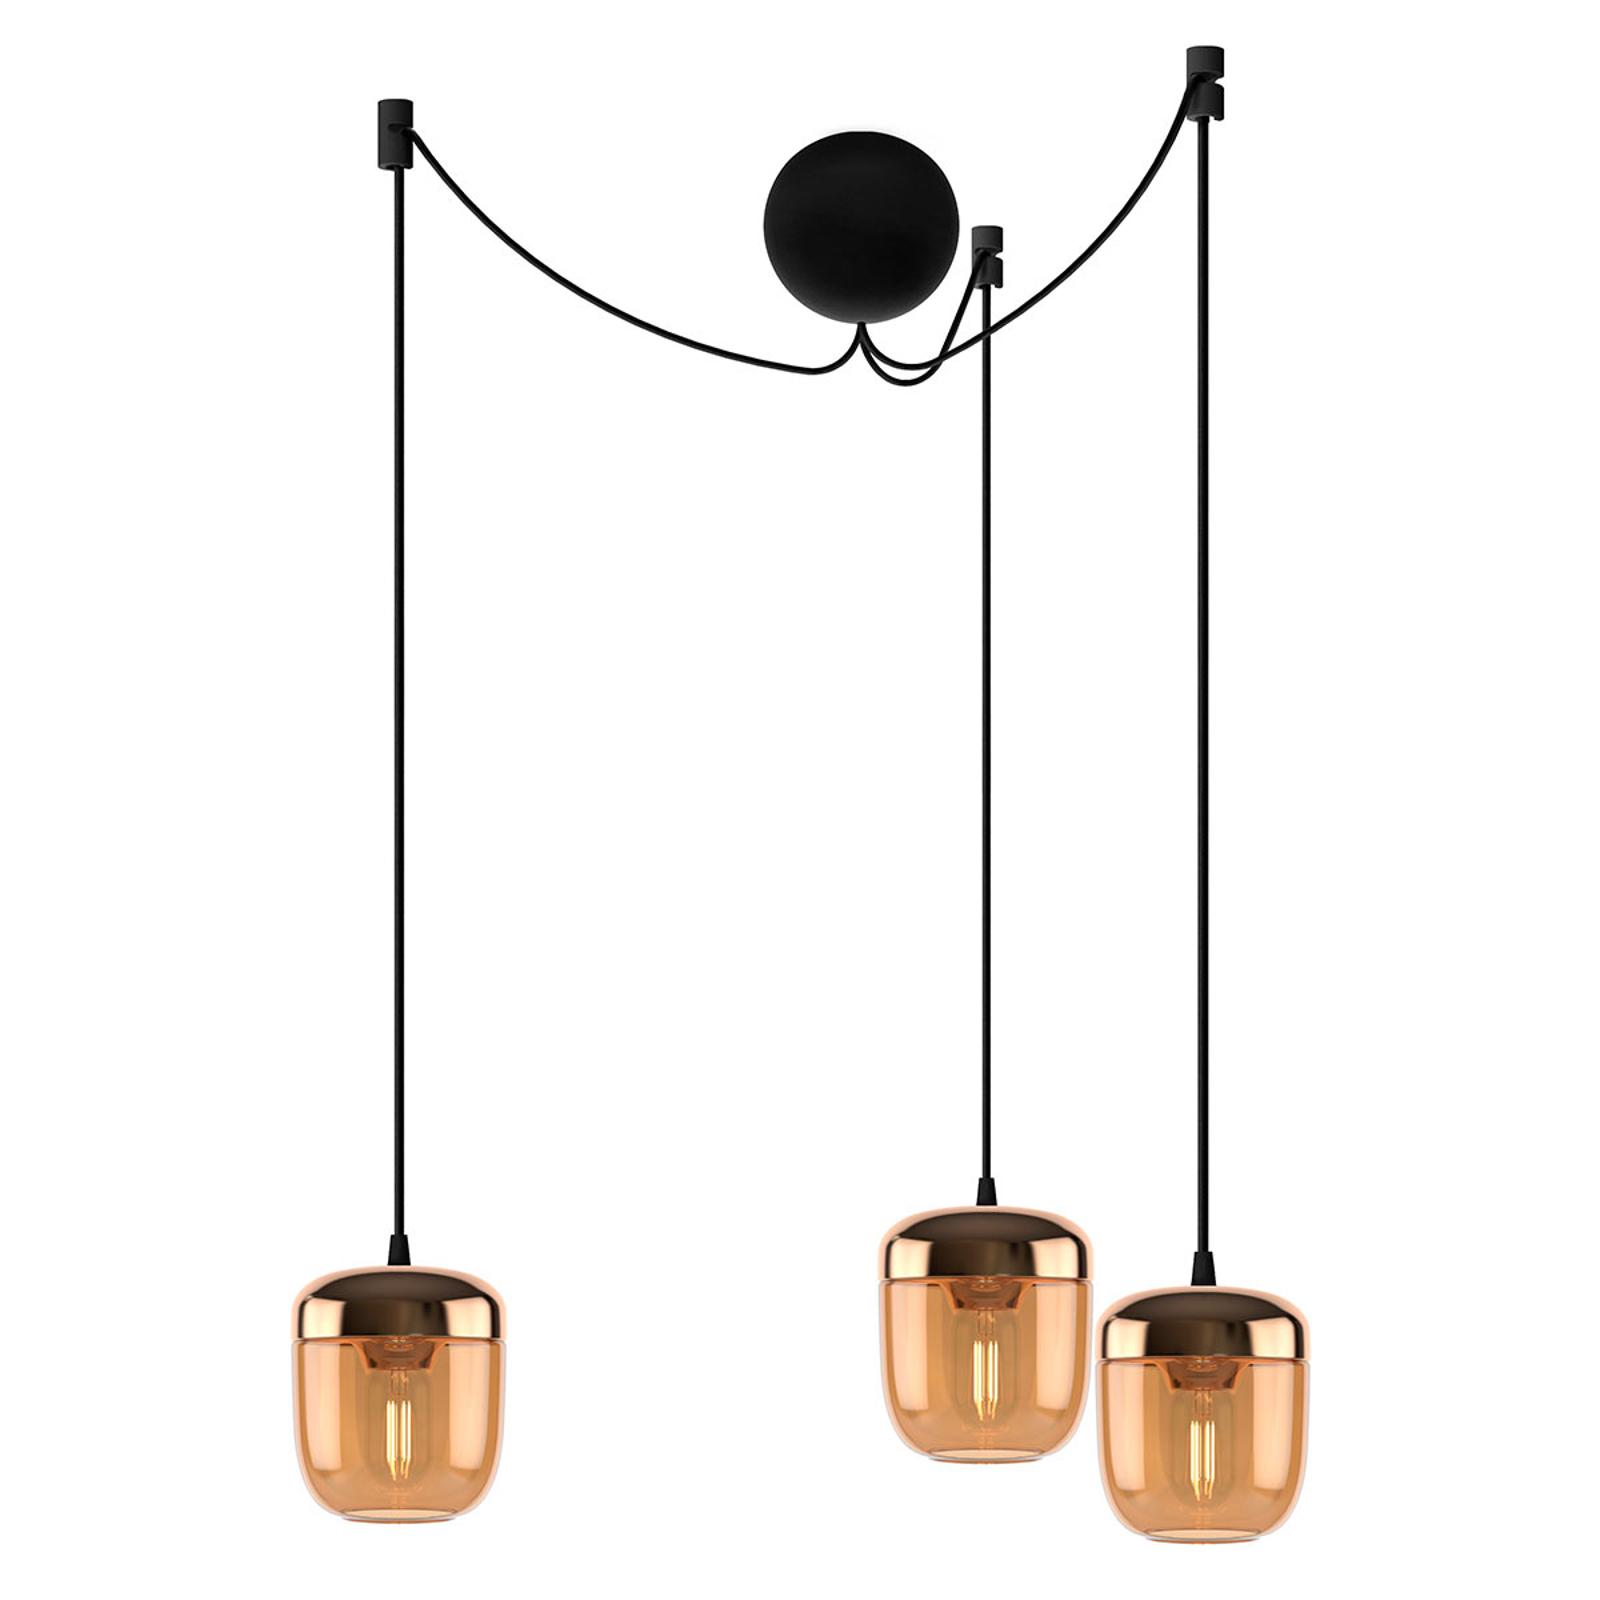 UMAGE Acorn hængelampe 3 lyskilde rav messing